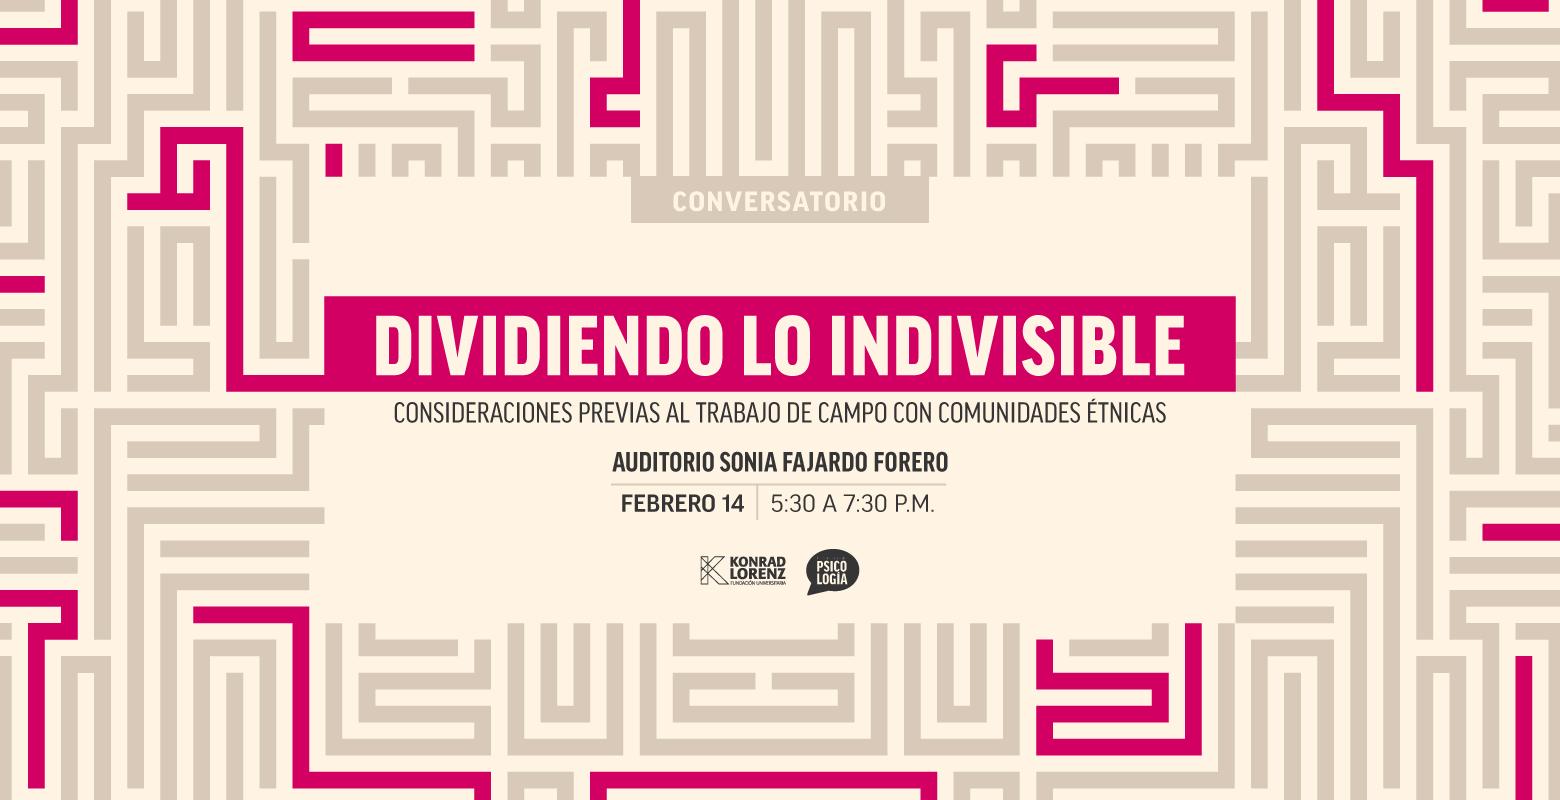 Conversatorio: Dividiendo lo indivisible. Consideraciones previas al trabajo de campo con comunidades étnicas